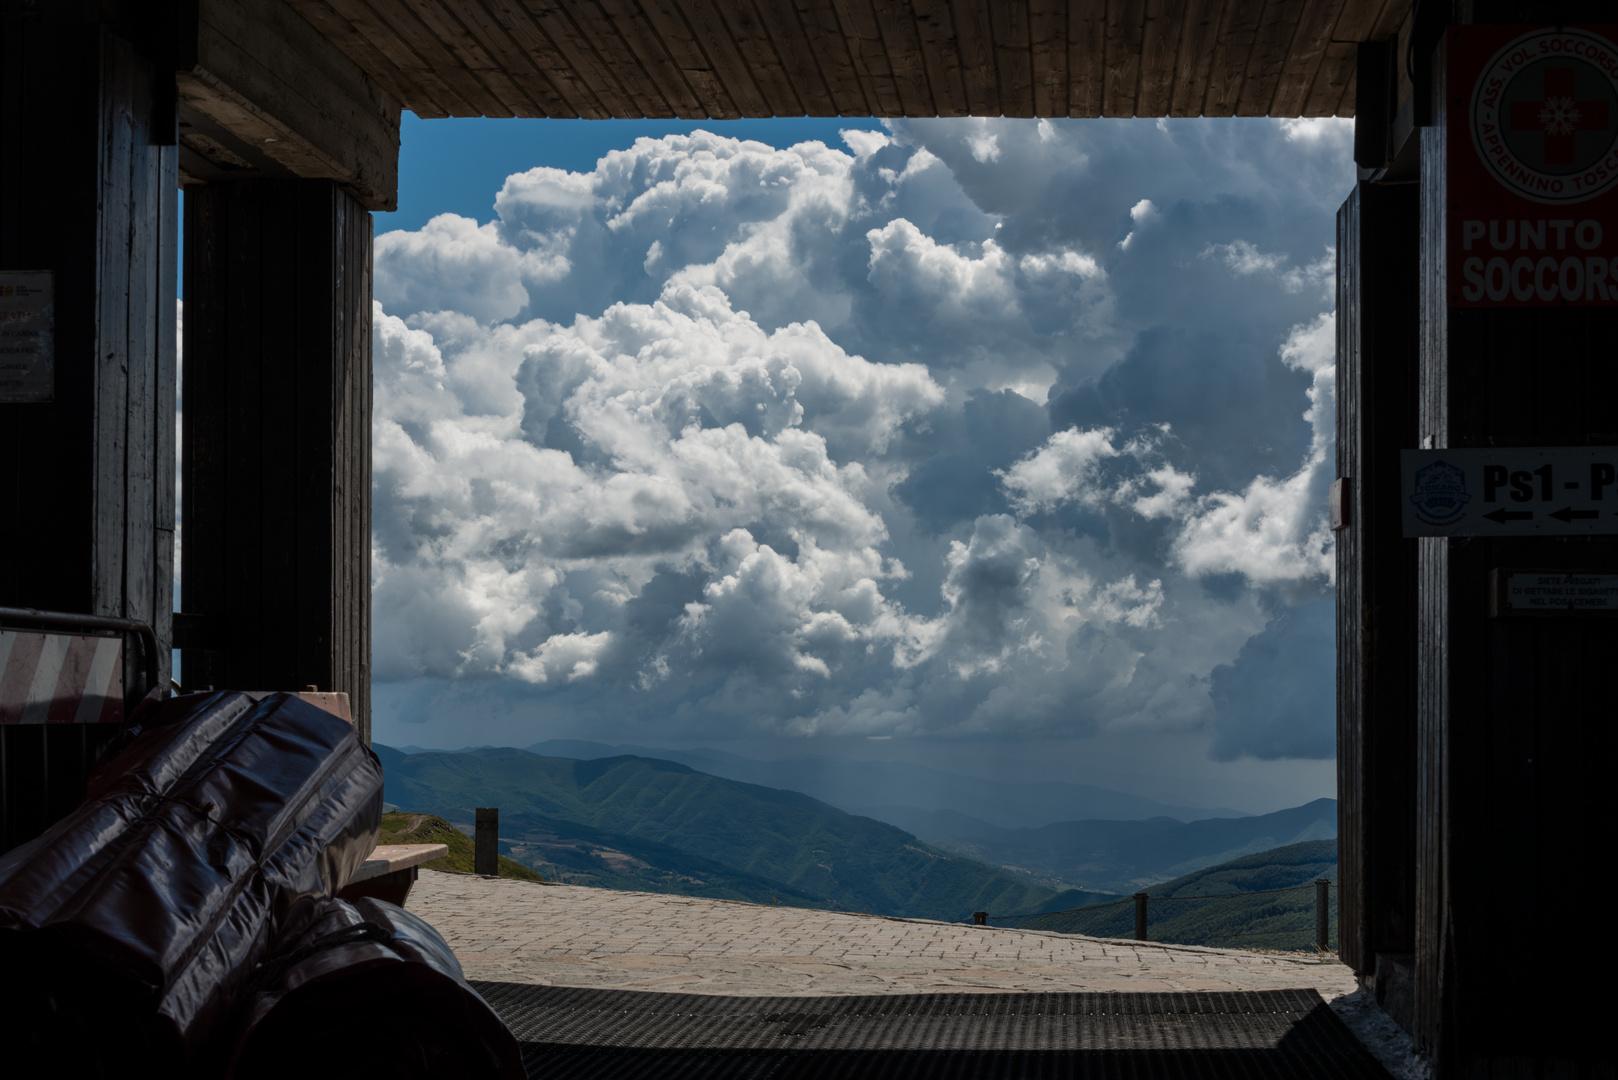 Una finestra sulle nuvole foto immagini paesaggi - Una finestra sul cielo ...